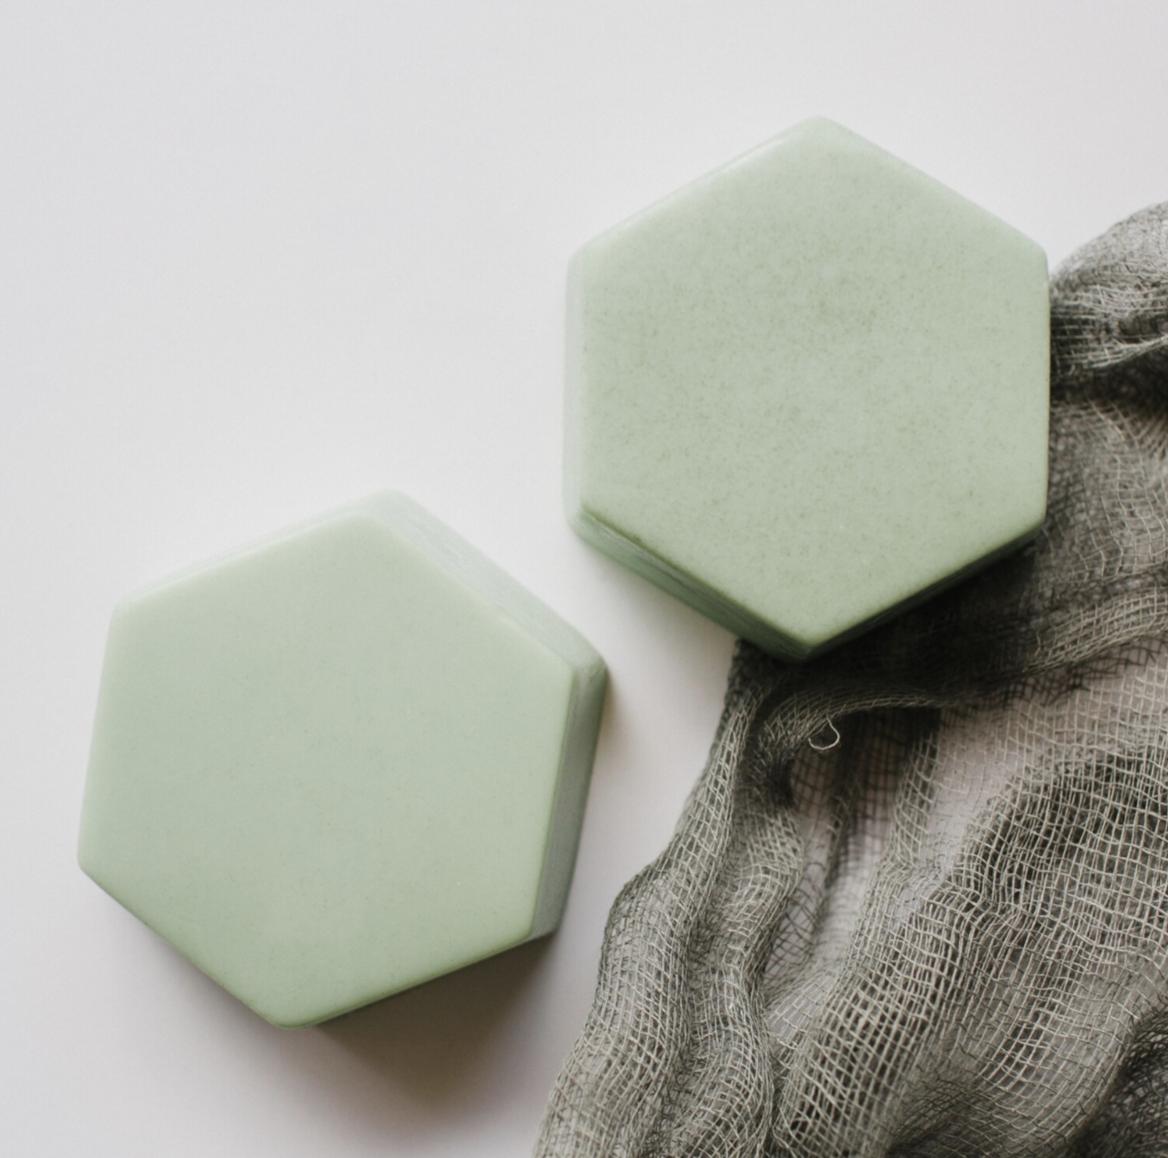 Hexagon Soap- Rosemary Mint